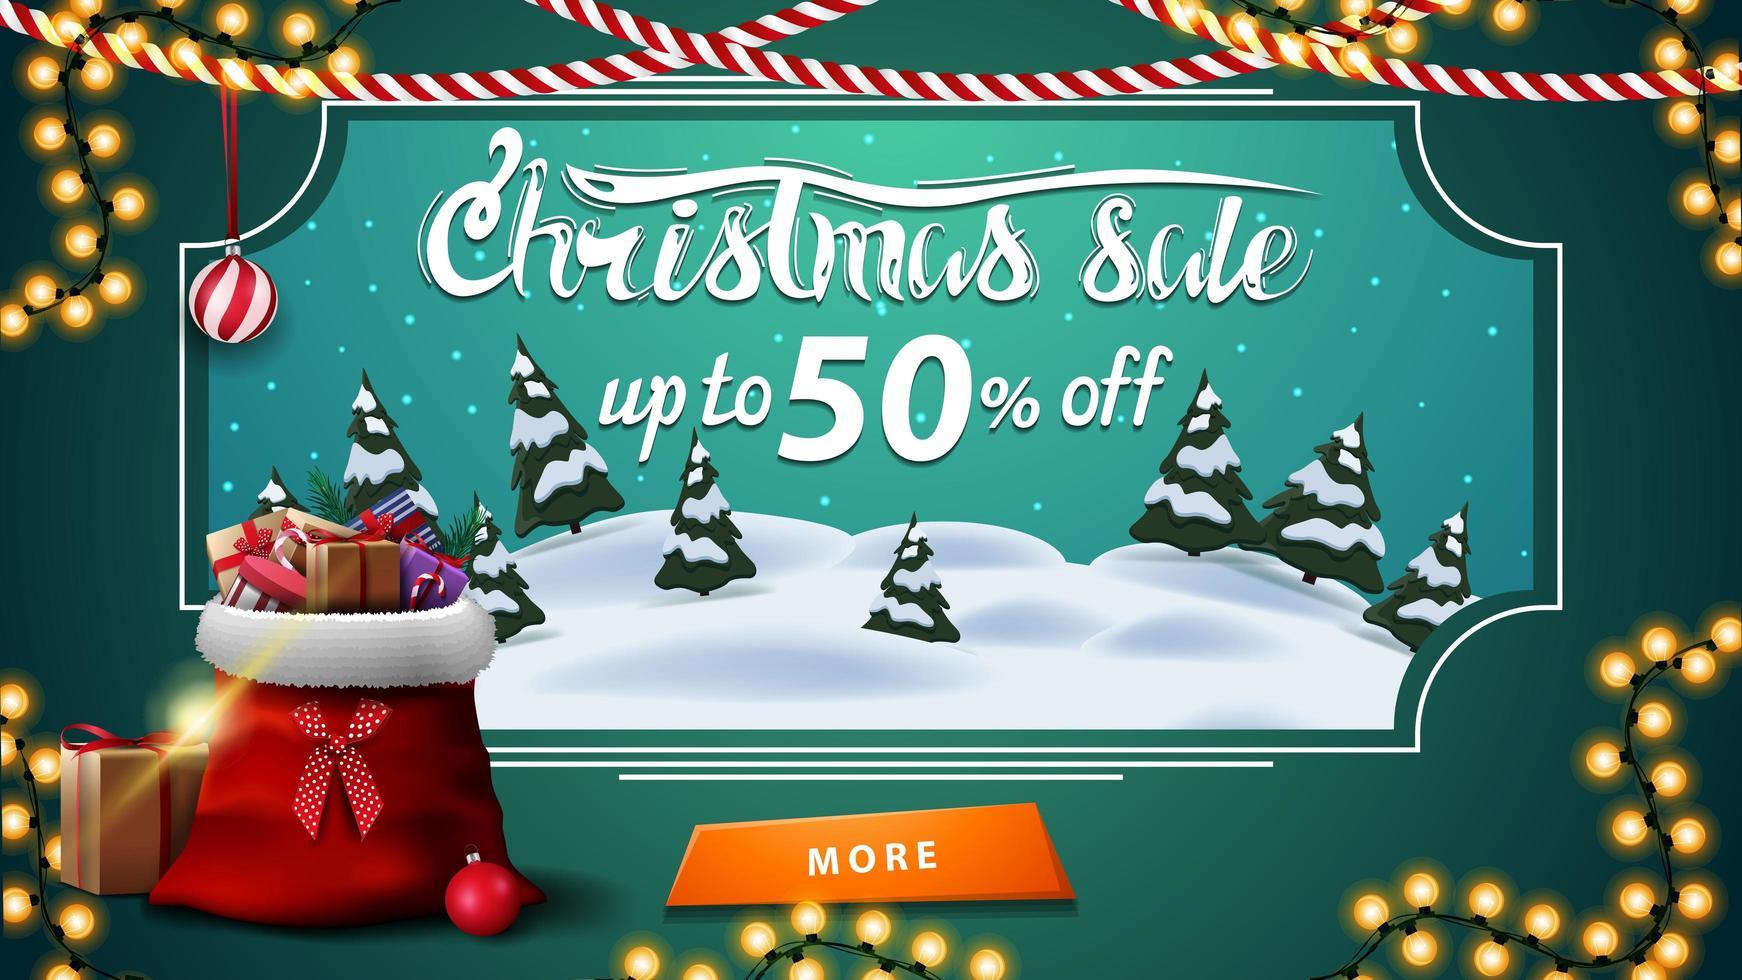 Weihnachtsverkauf, bis zu 50 Rabatt, grünes Rabatt-Banner mit Cartoon-Winterlandschaft, Knopf und Weihnachtsmann-Tasche mit Geschenken vektor